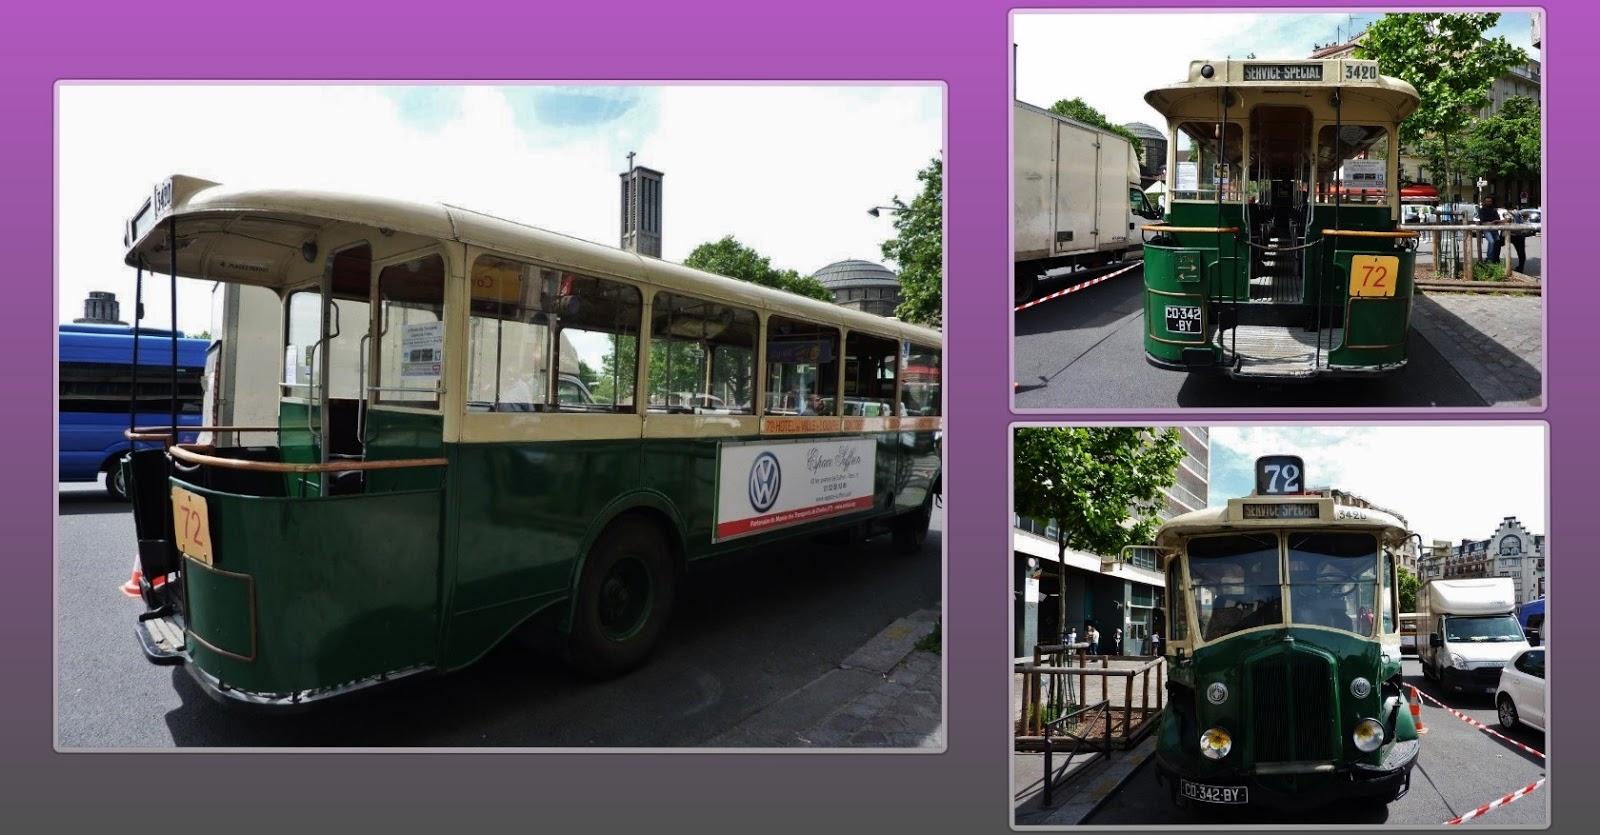 Paris bise art vieux bus la porte de saint cloud 3 - Centre commercial porte de saint cloud ...